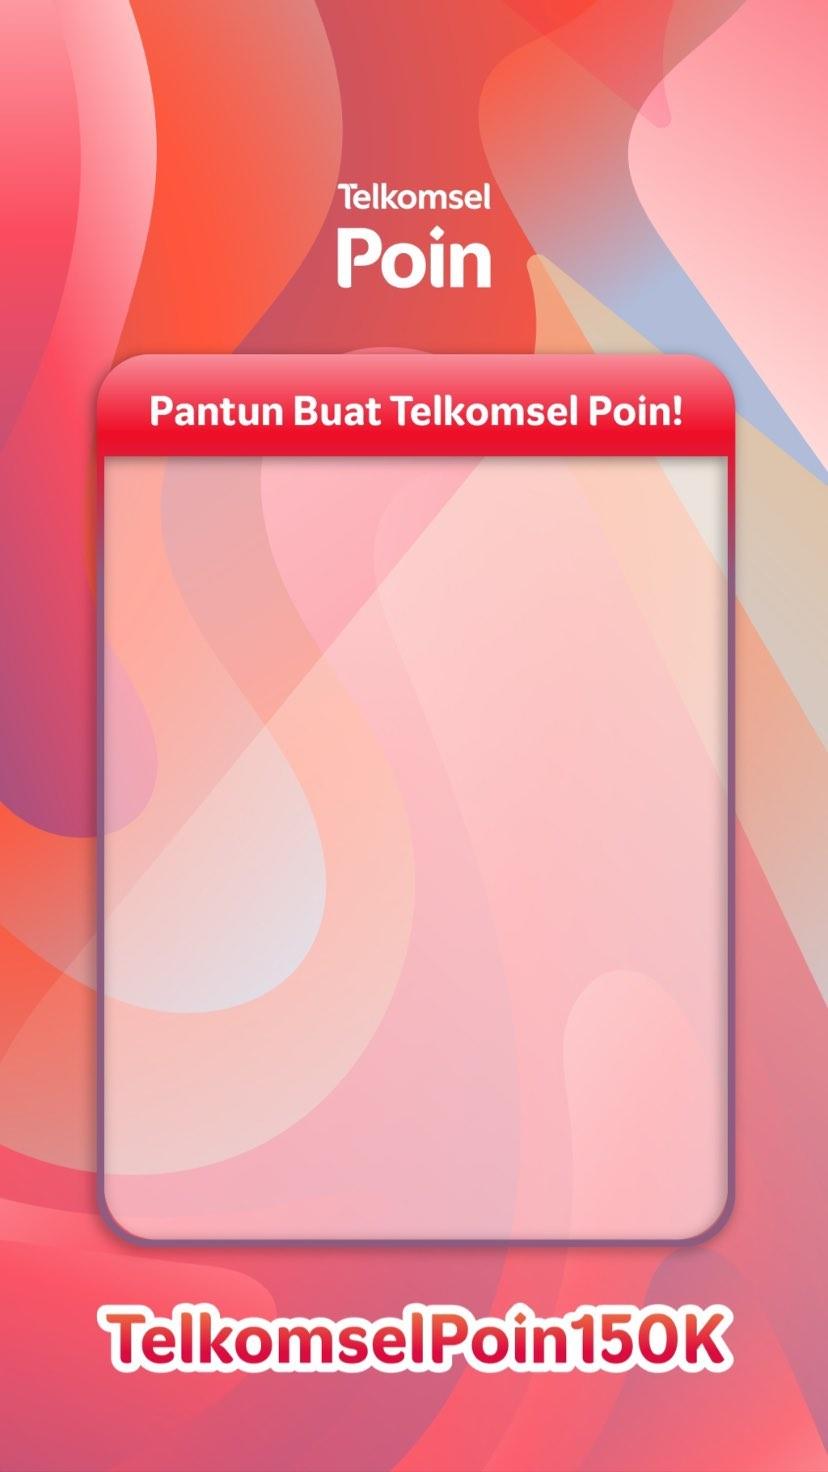 Template Giveaway Pantun 150K Telkomsel Poin Berhadiah Pulsa Total 4,5 Juta